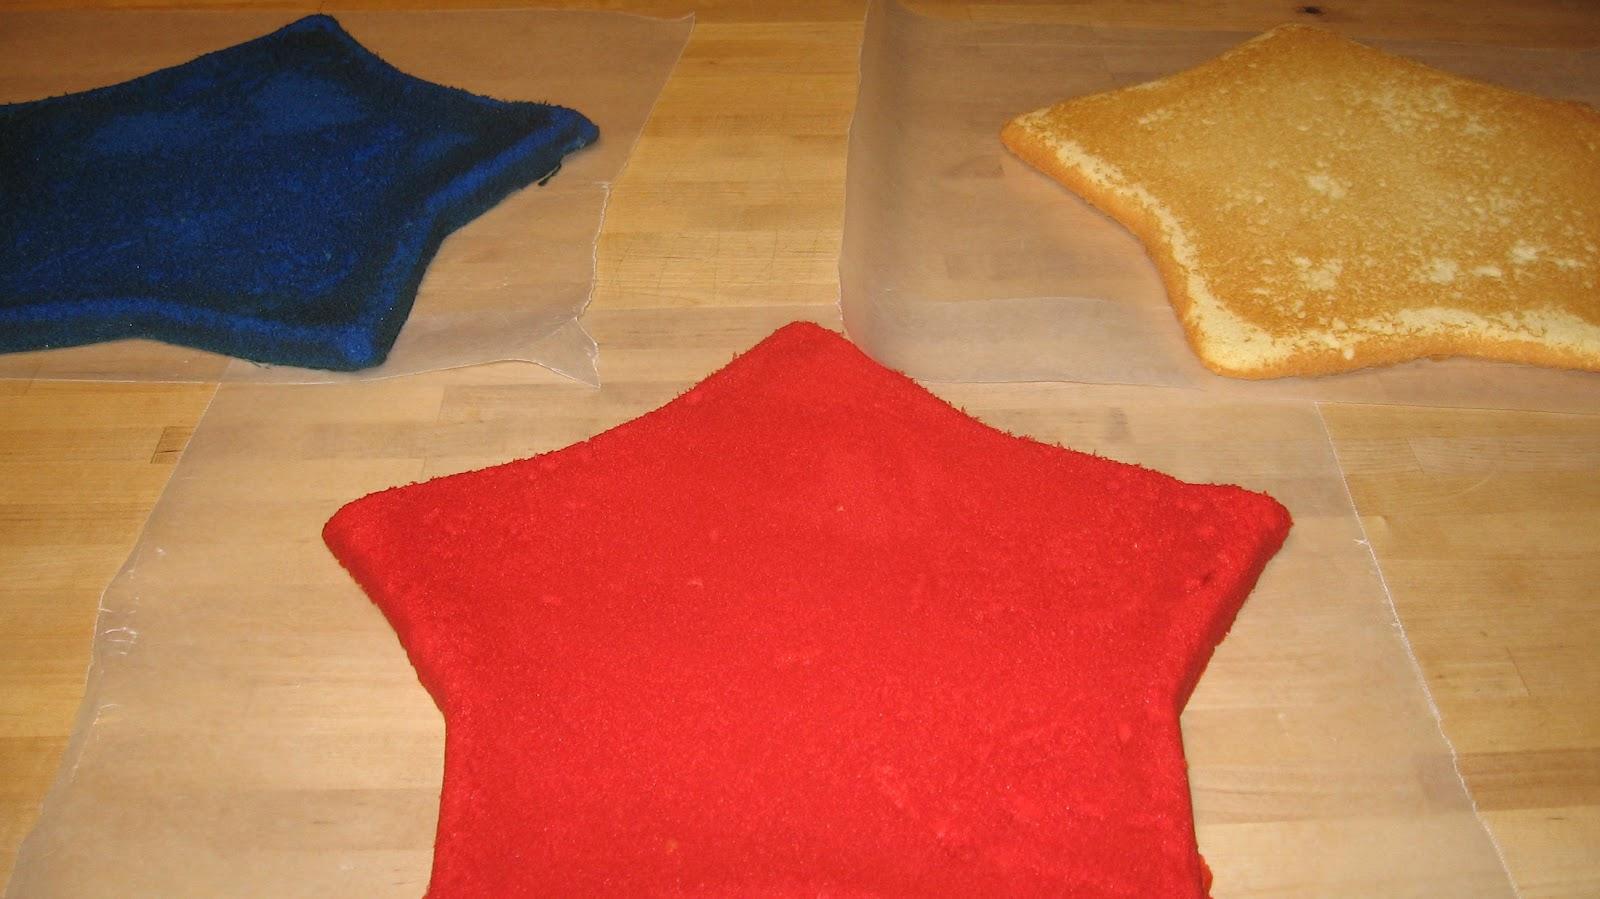 Assembling Jelly Roll Cake